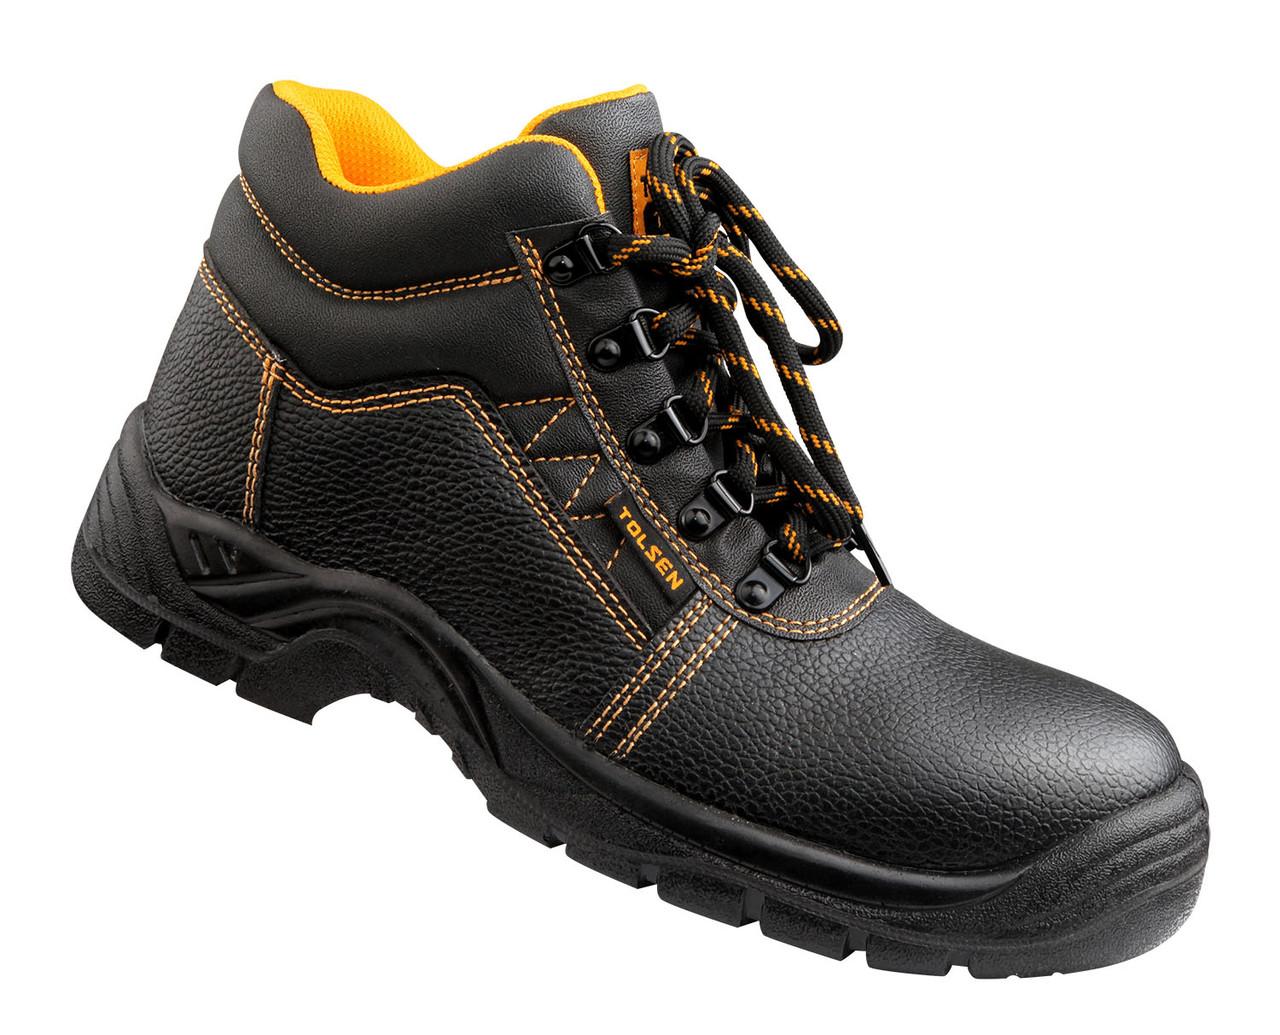 Ботинки Tolsen профессиональные с защитой р.46 (45358)